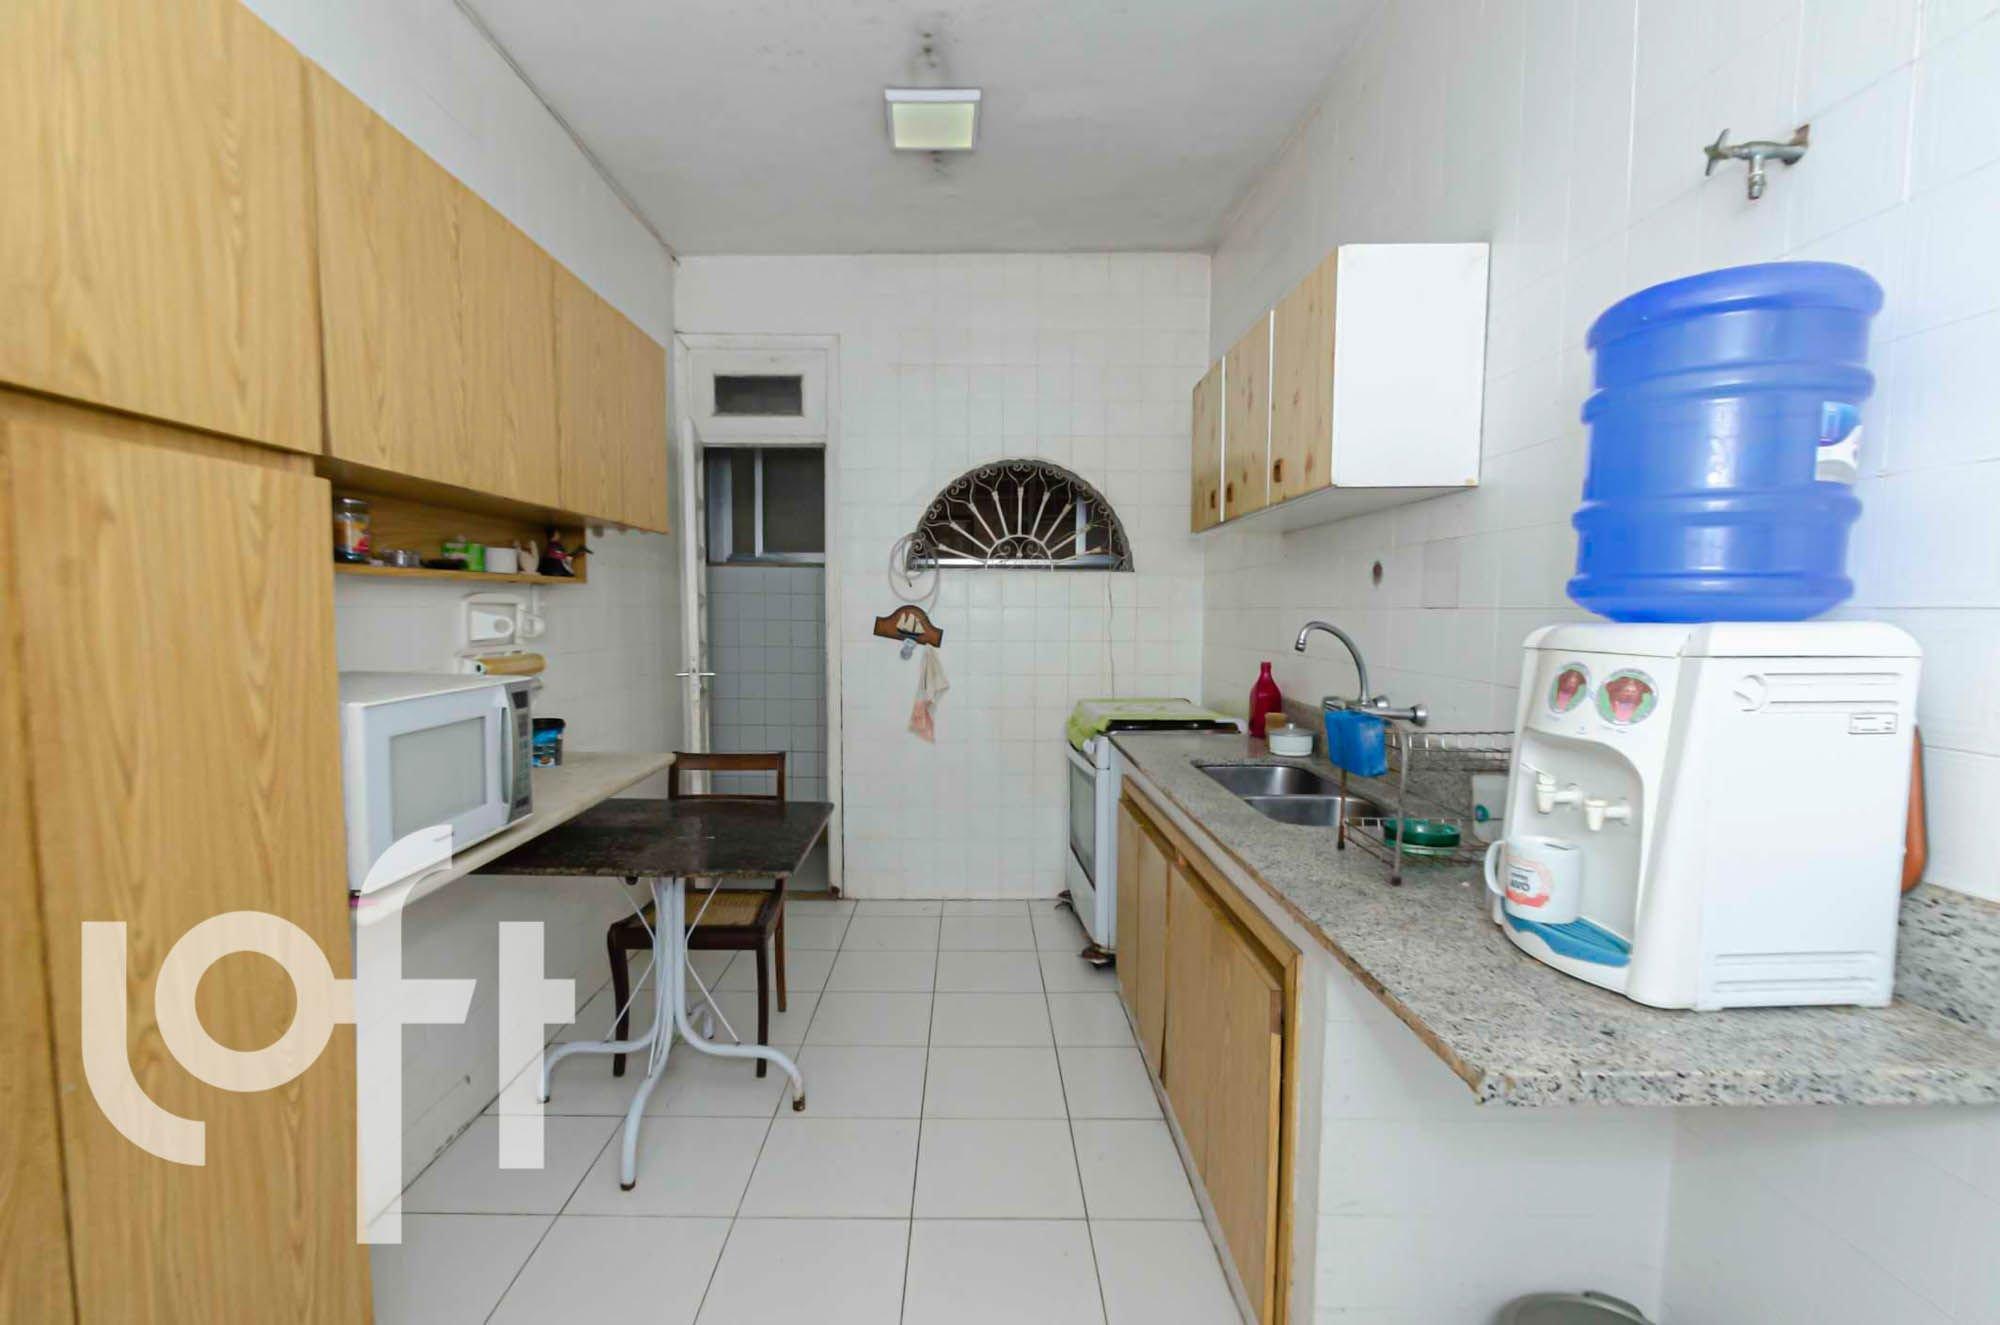 Foto de Cozinha com garrafa, geladeira, cadeira, pia, microondas